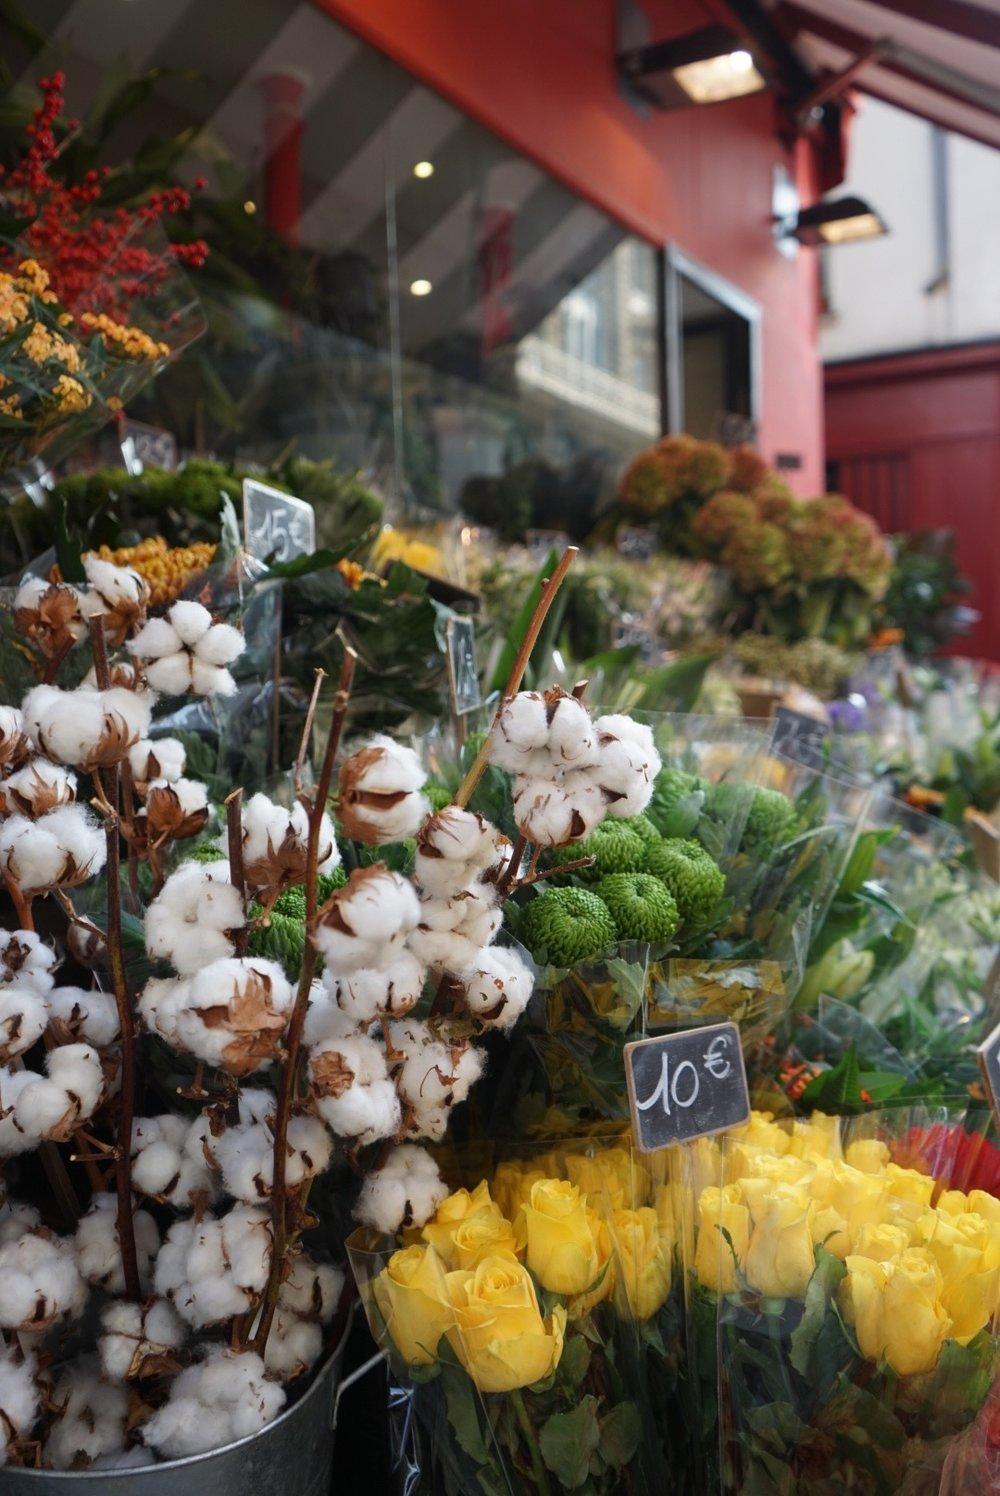 Cotton for sale in a local fleuriste